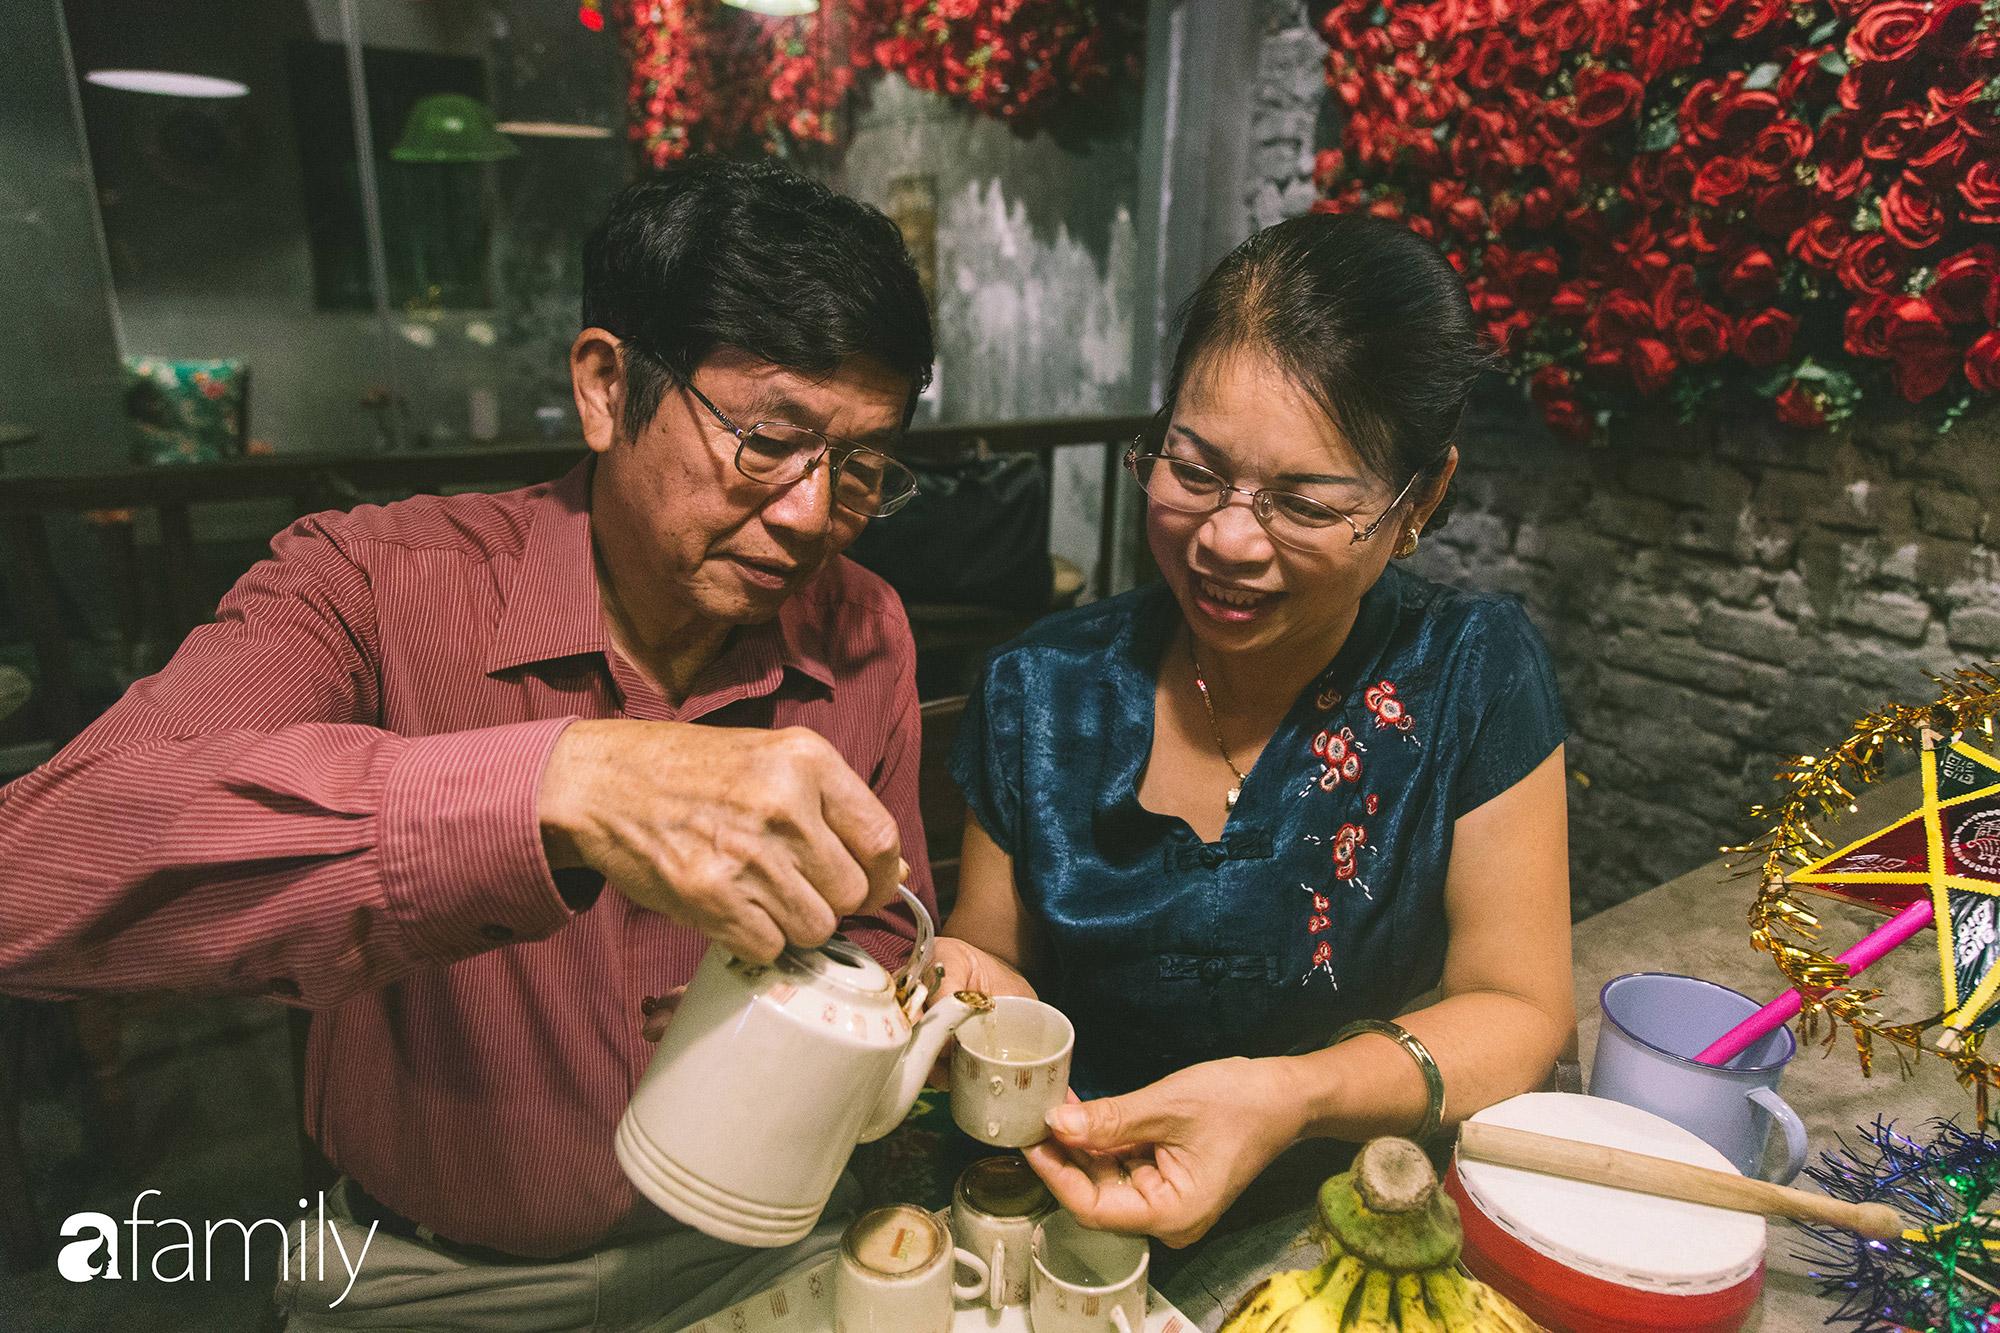 Cứ đến độ tháng Tám, thấy bánh Trung Thu là rạo rực như thể sắp được về nhà ngắm trăng với gia đình - Ảnh 12.